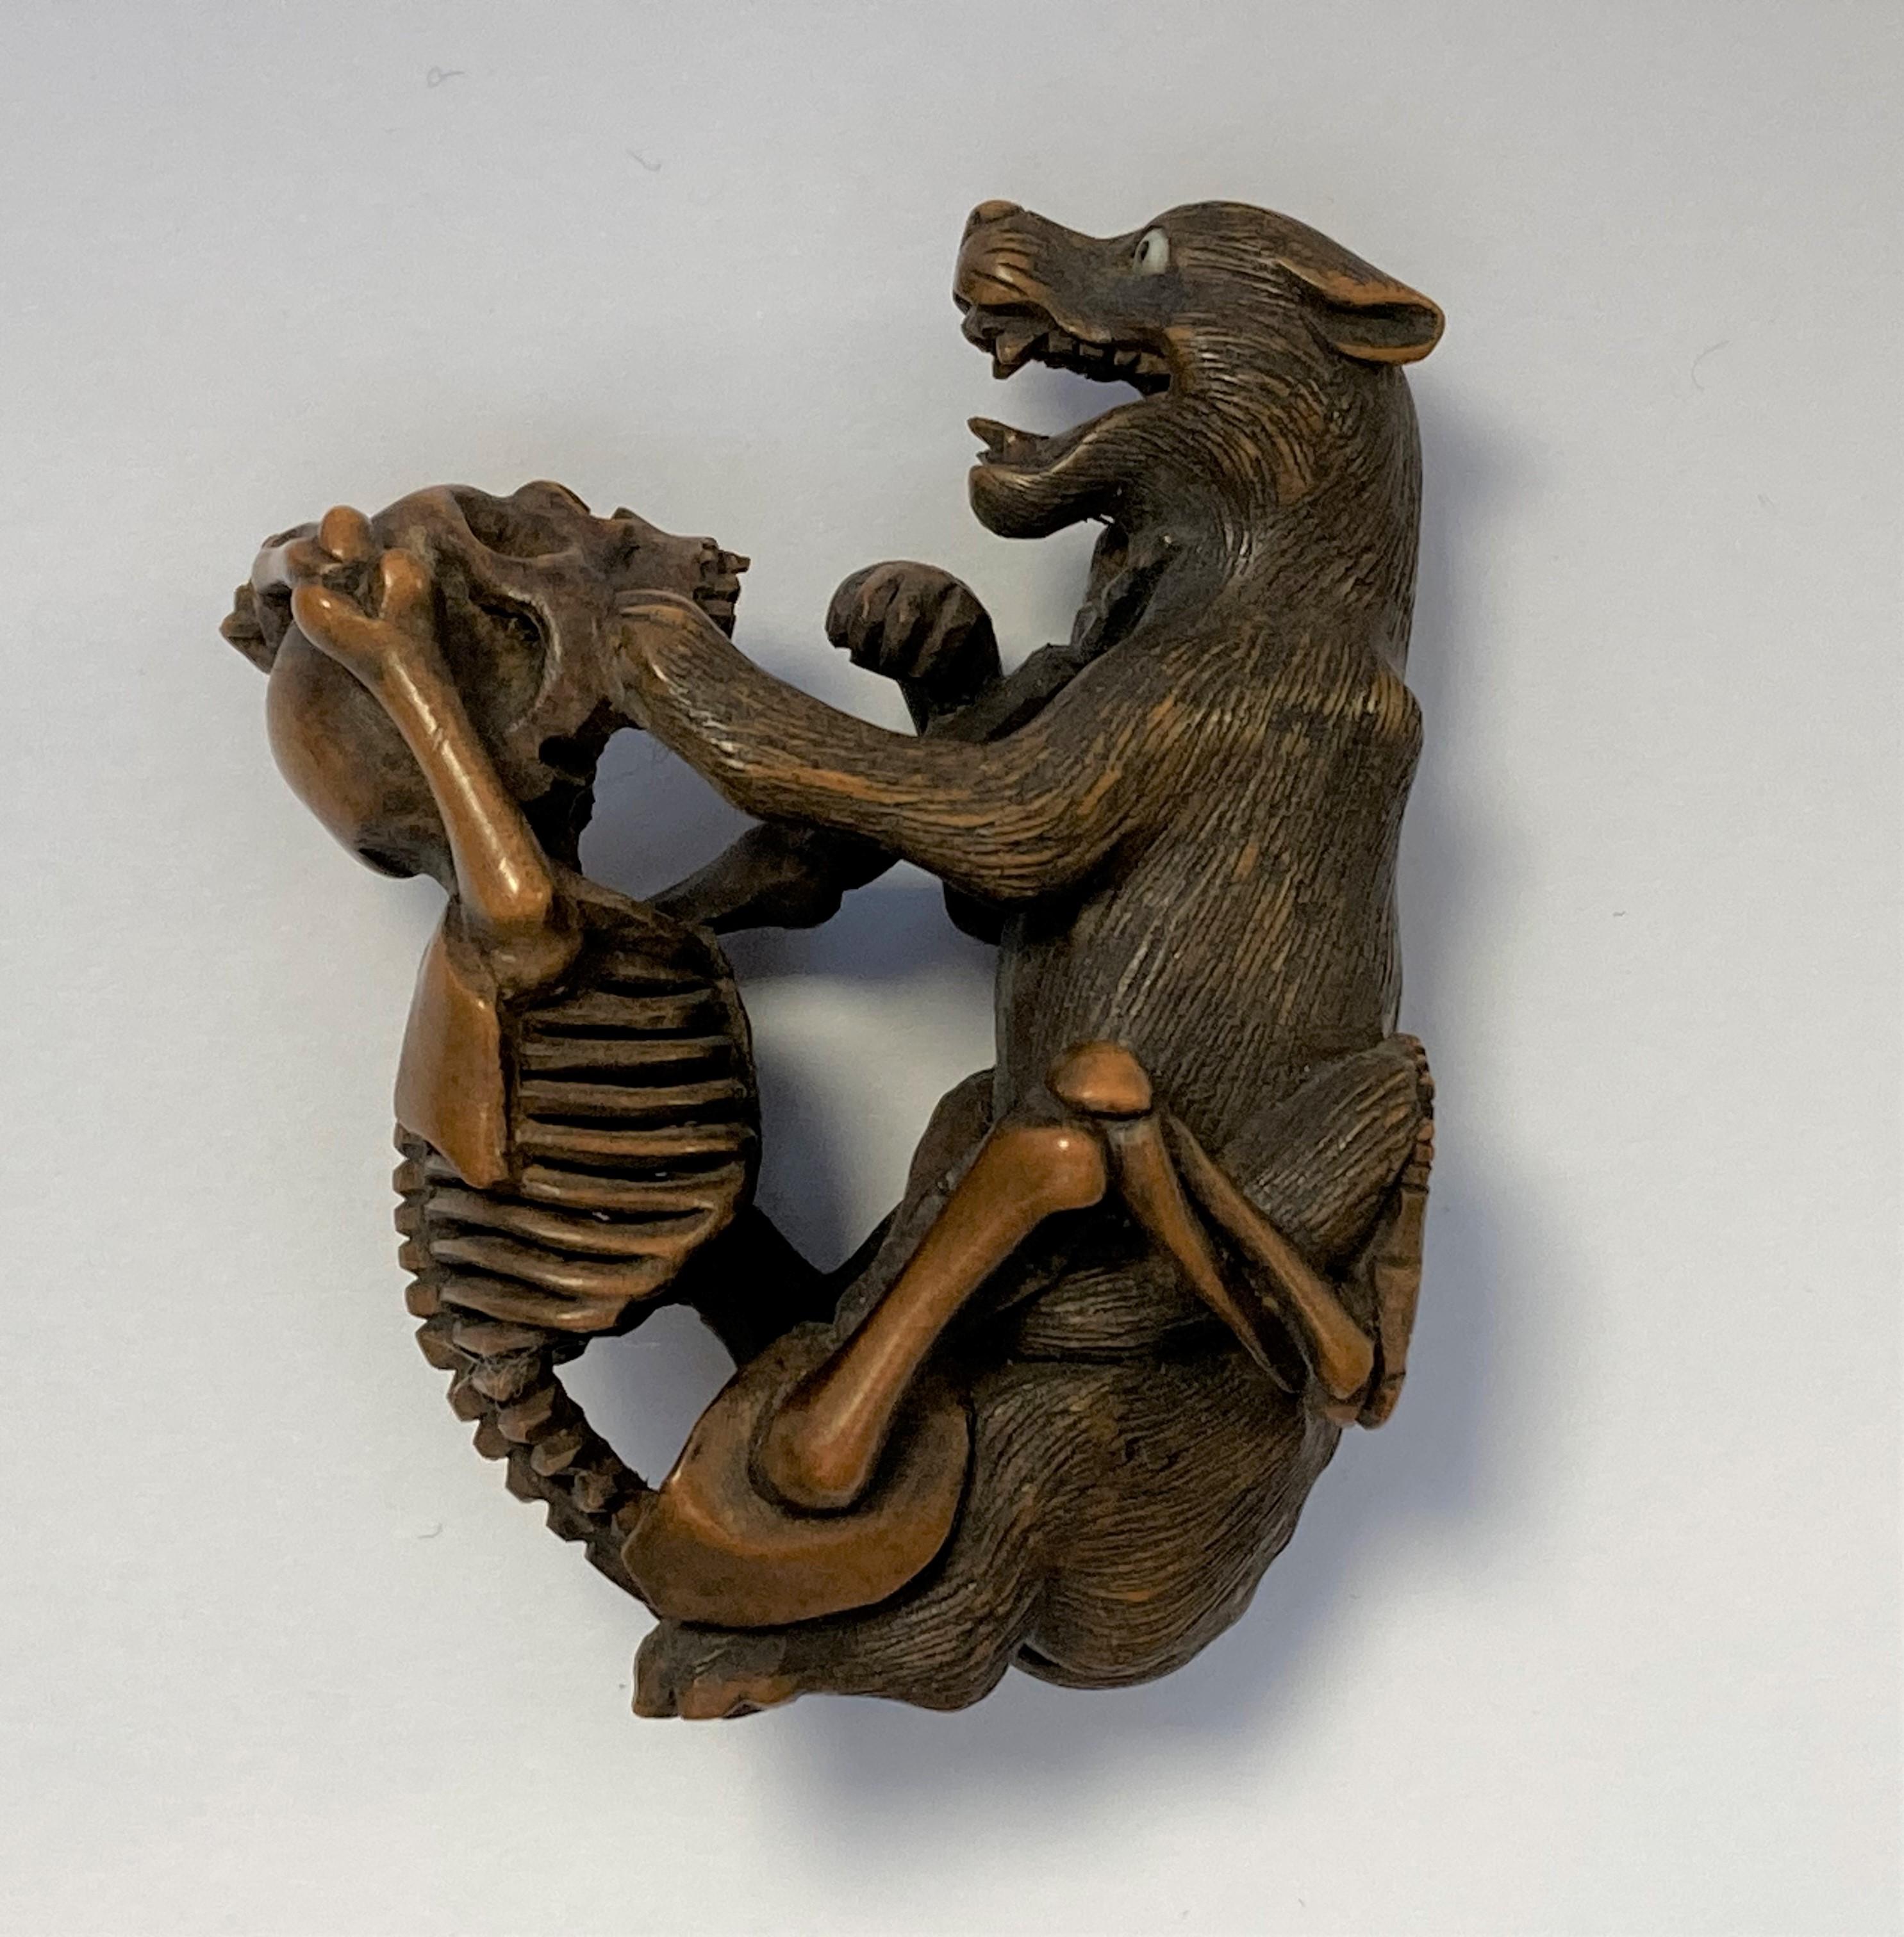 NETSUKE en bois figurant un squelette et un loup combattant, la main du squelette sur la gorge de